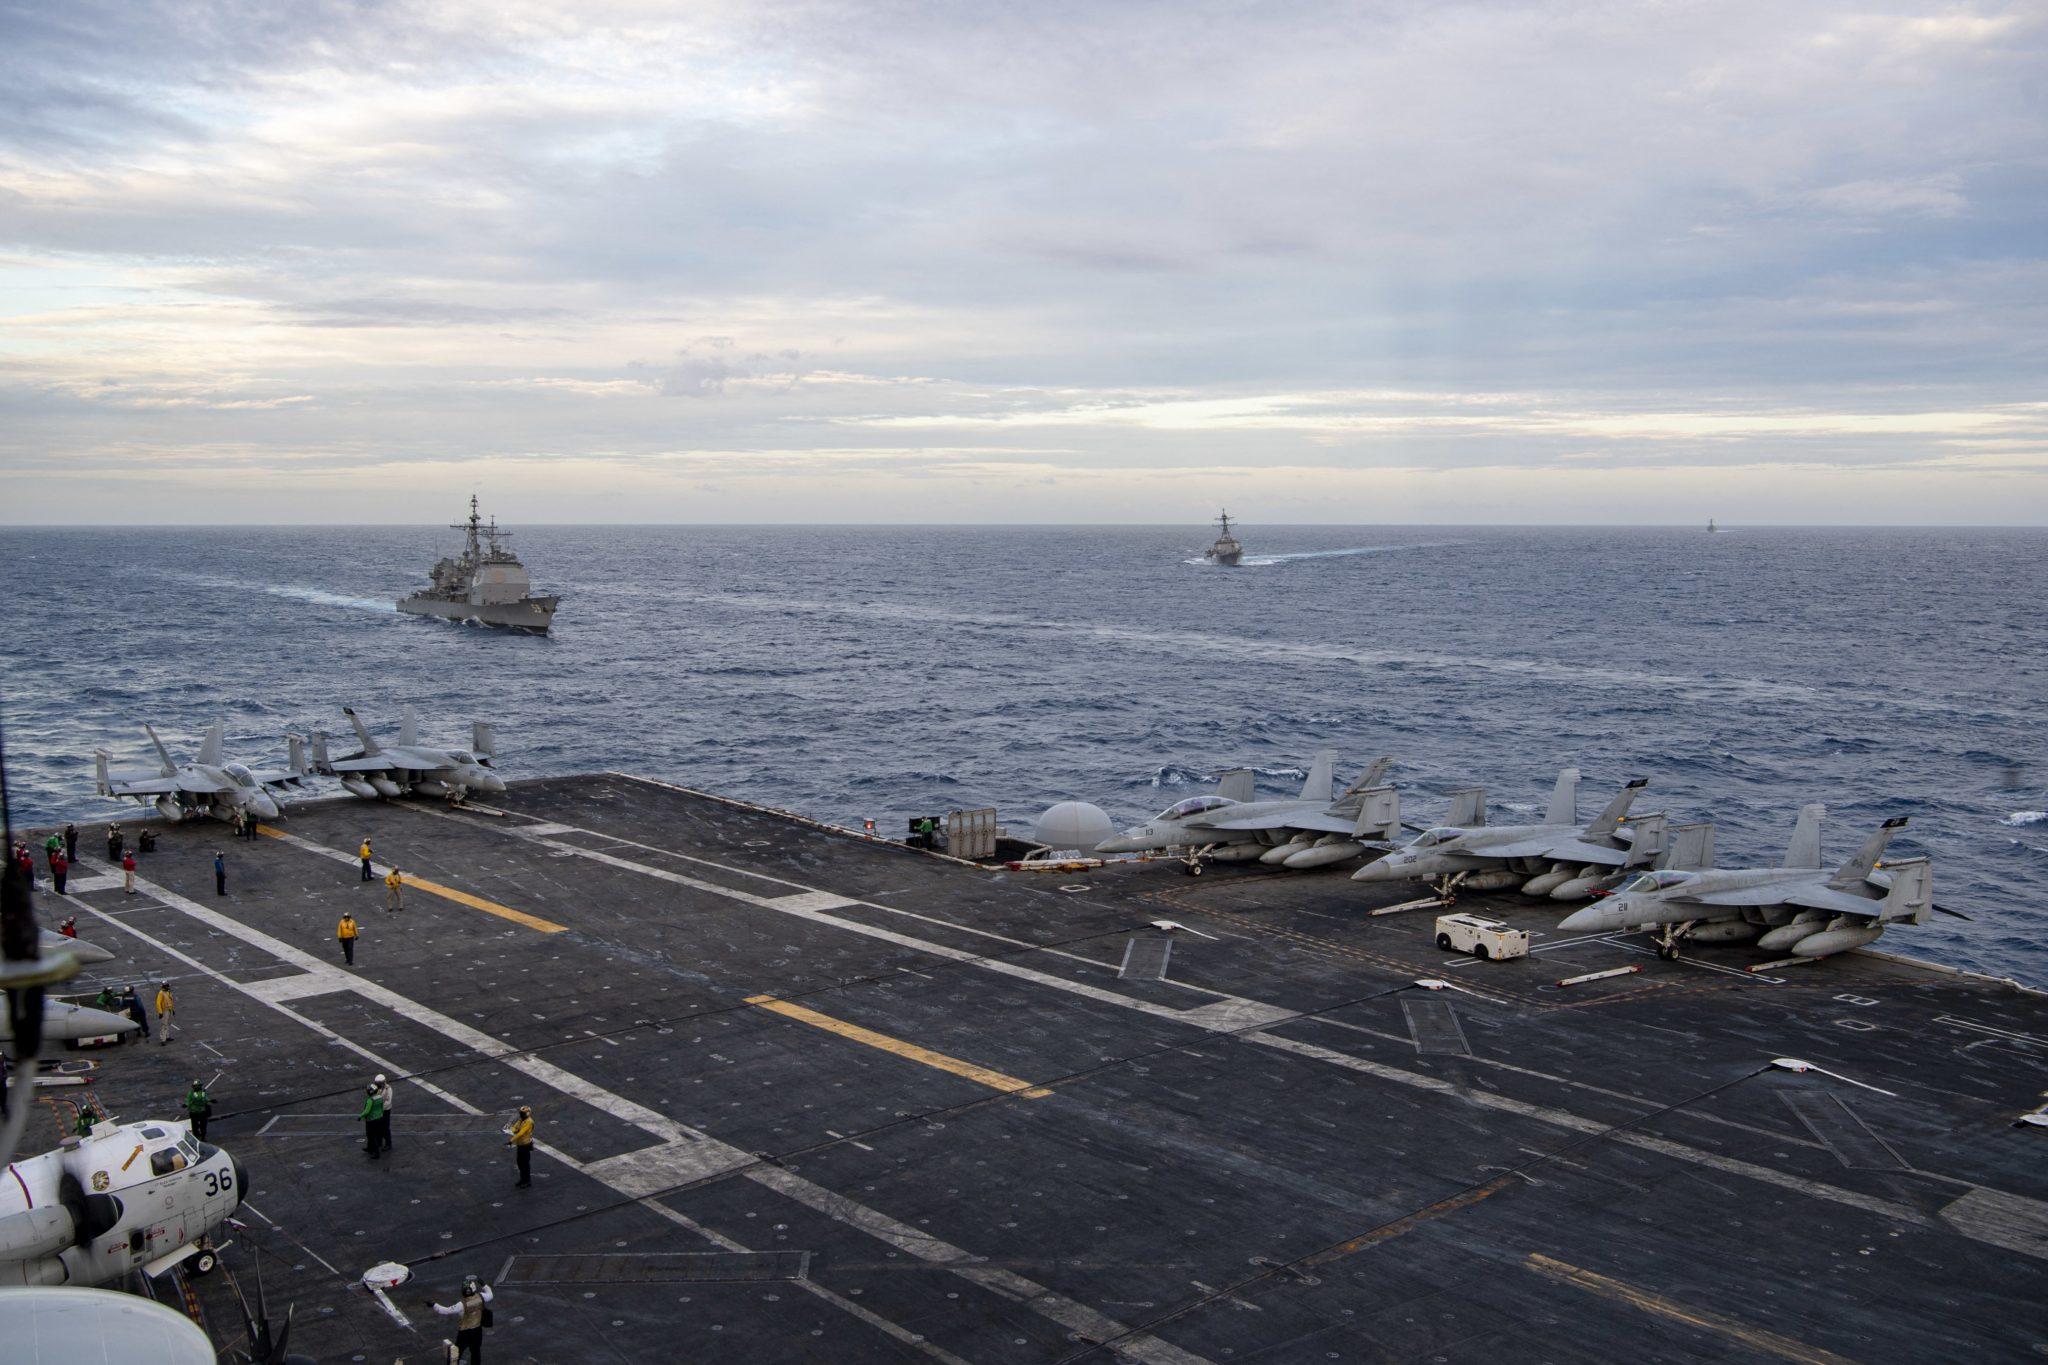 الجيش الصيني الجيش الامريكي ميزانية الجيش الصيني ميزانية الجيش الامريكي الصراع الصيني الامريكي الردع في المحيط